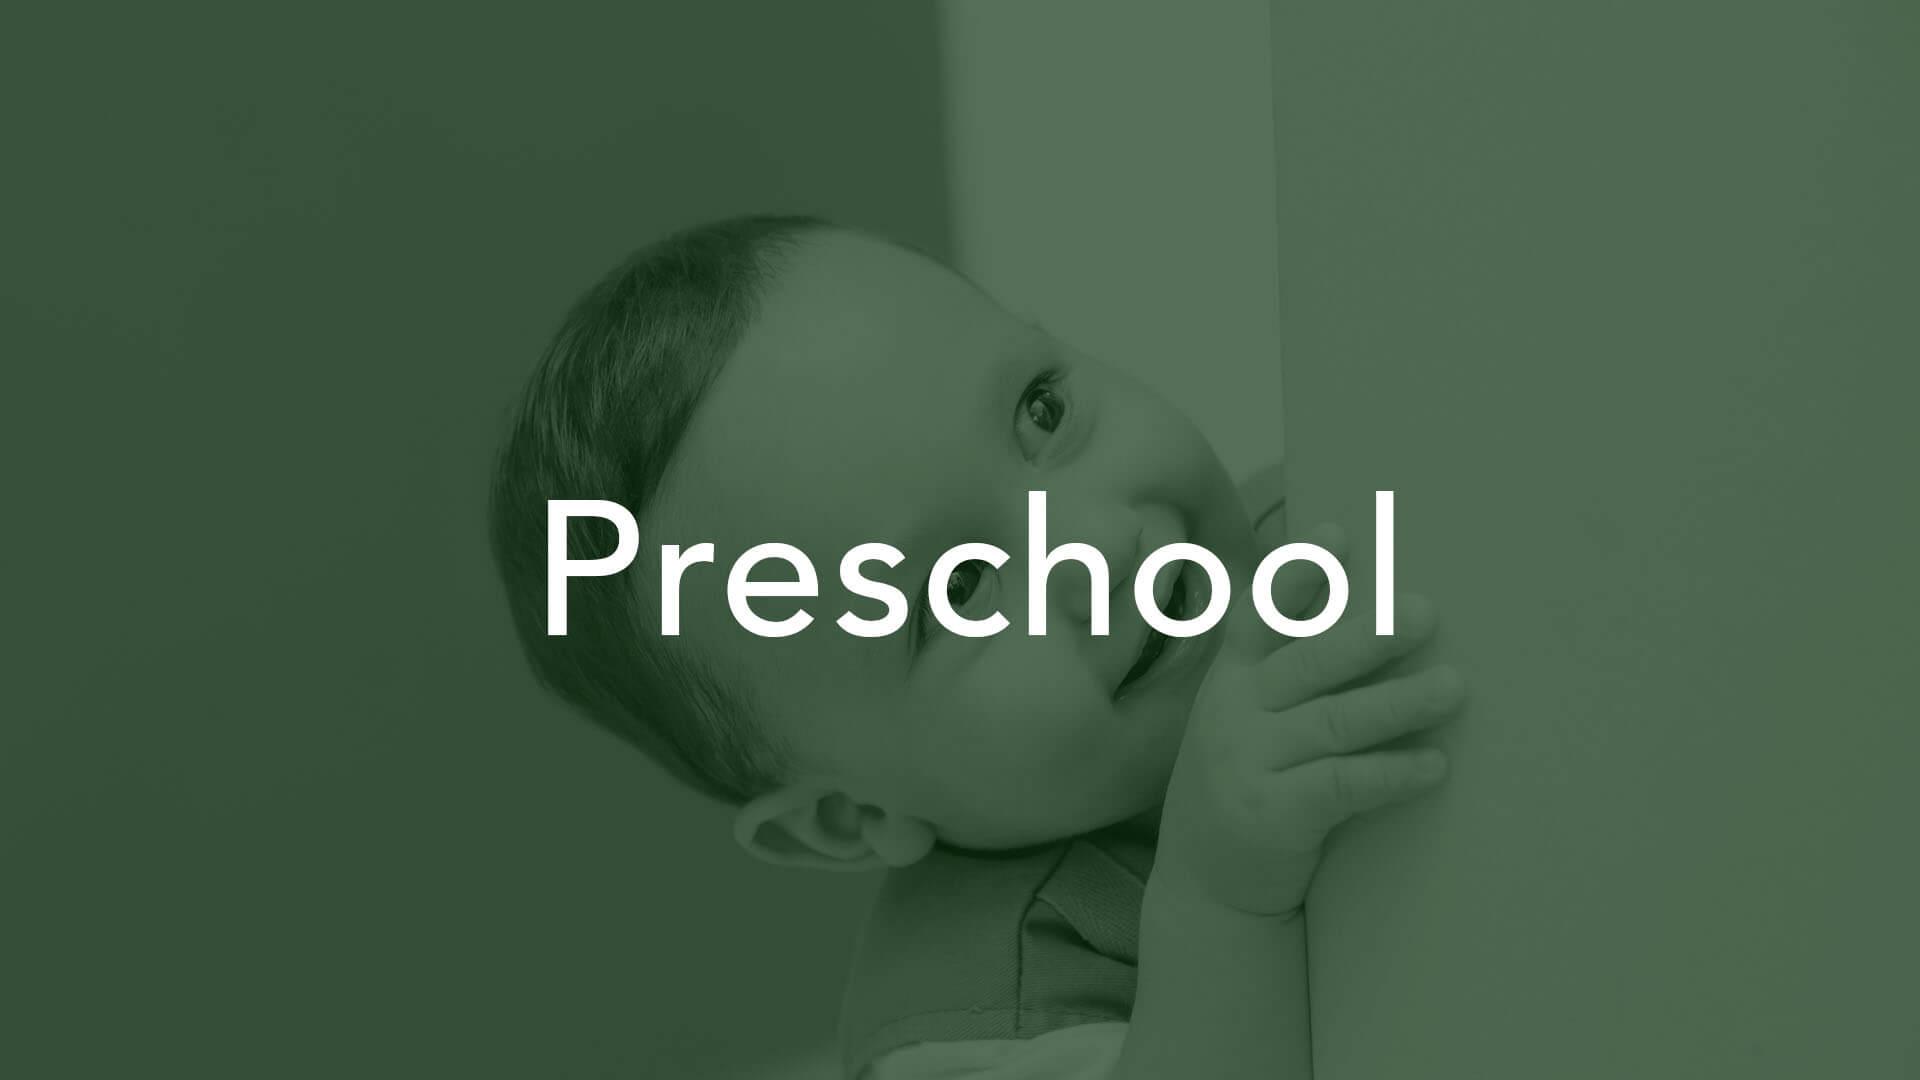 Preschooldark